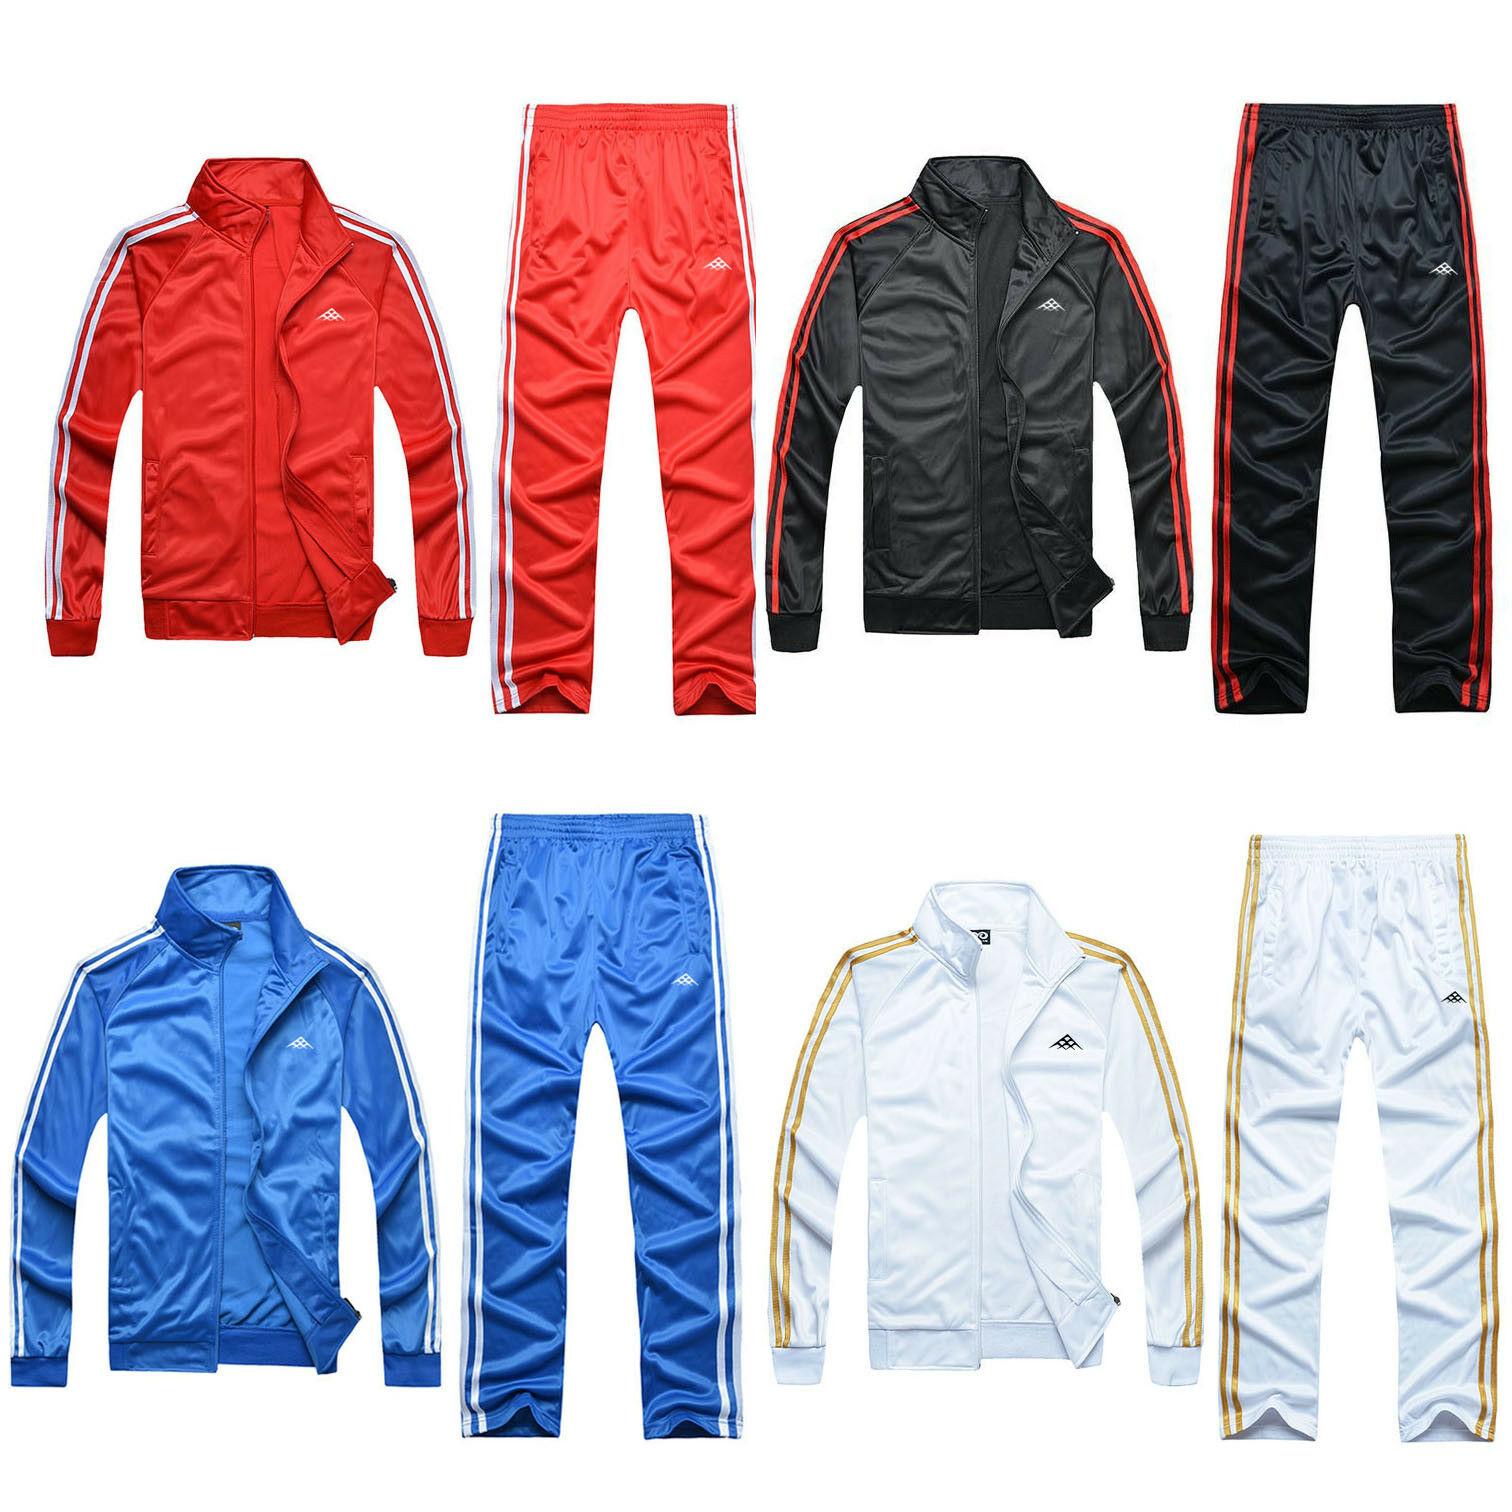 Hommes survêtement Jogging veste Sport costume ensembles pantalons survêtement ensembles barboteuse sweat costumes